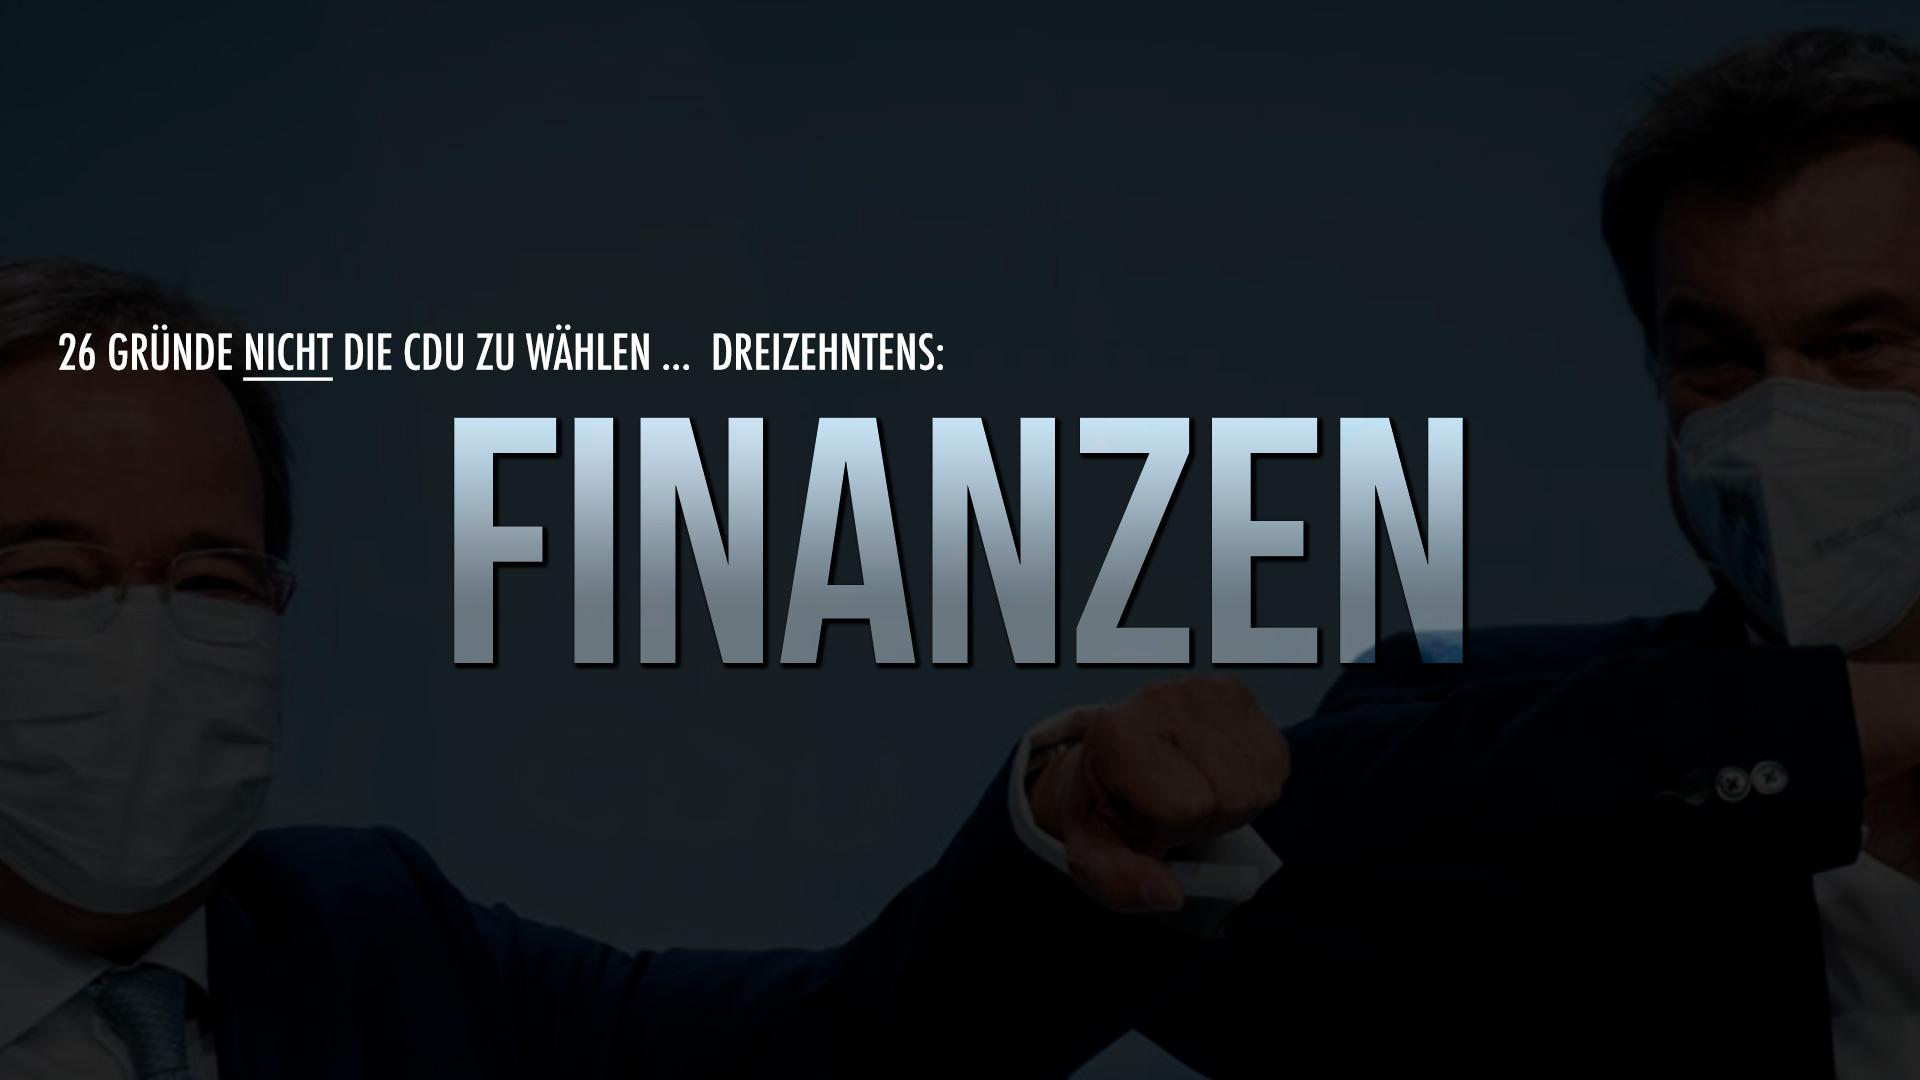 26 Gründe nicht die CDU zu wählen … Dreizehntens: Finanzen